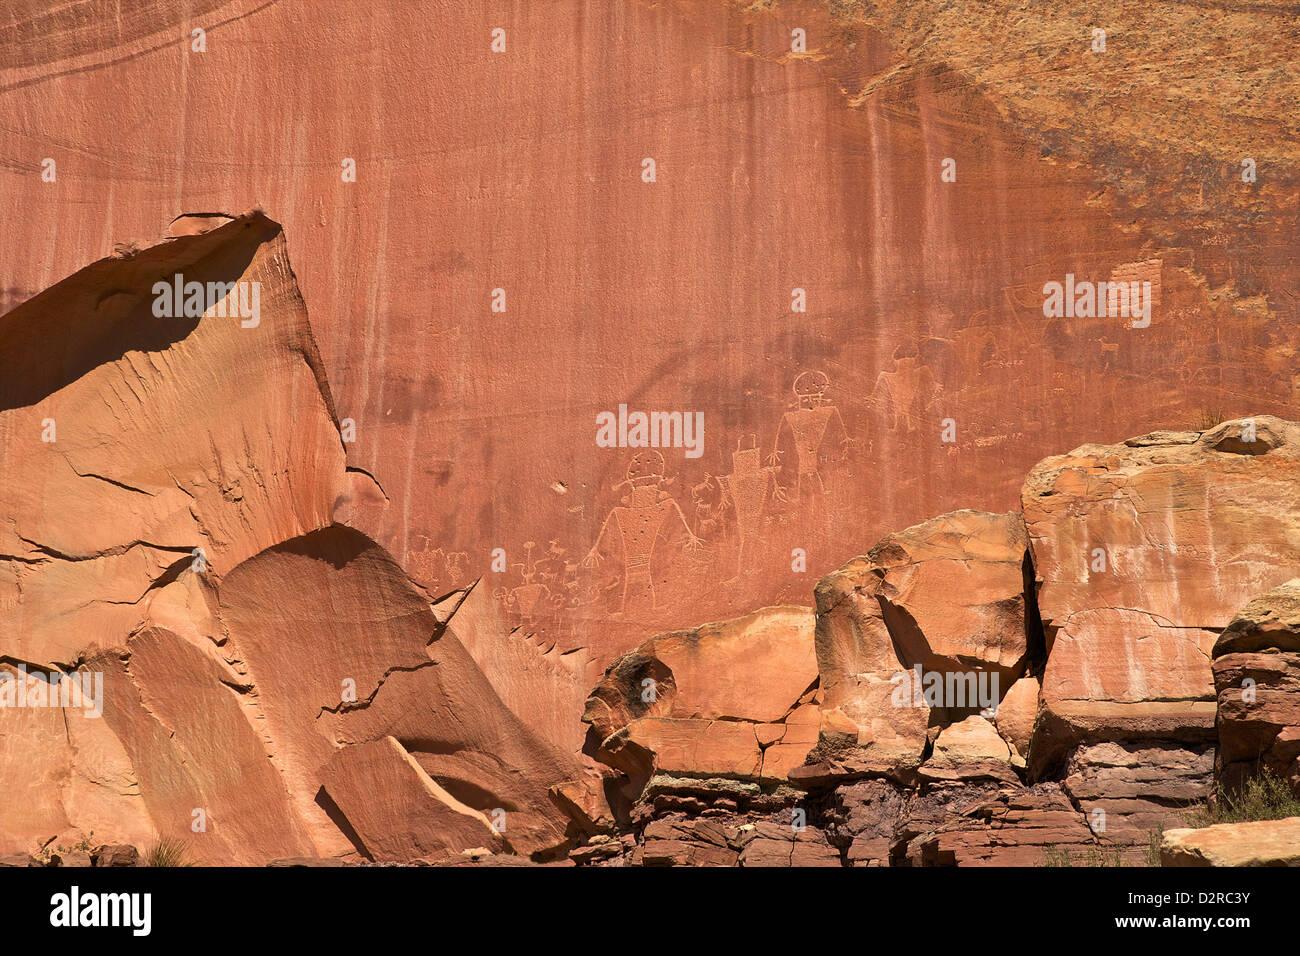 Fremont petroglifi indiani a Capitol Reef National Park nello Utah, Stati Uniti d'America, America del Nord Immagini Stock